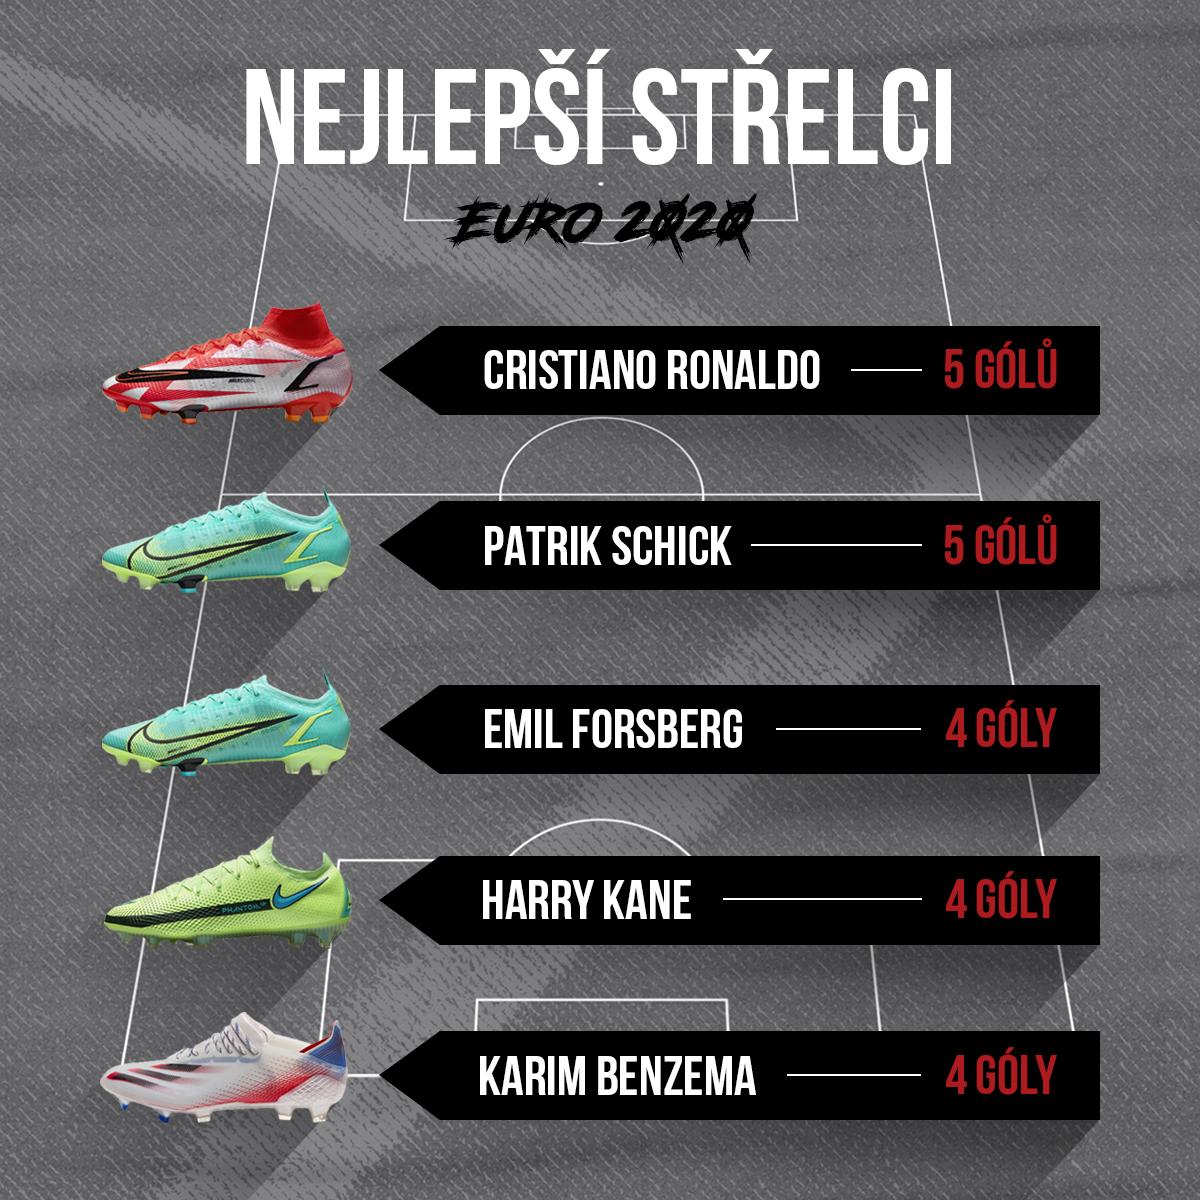 Nejlepší střelci EURA 2020